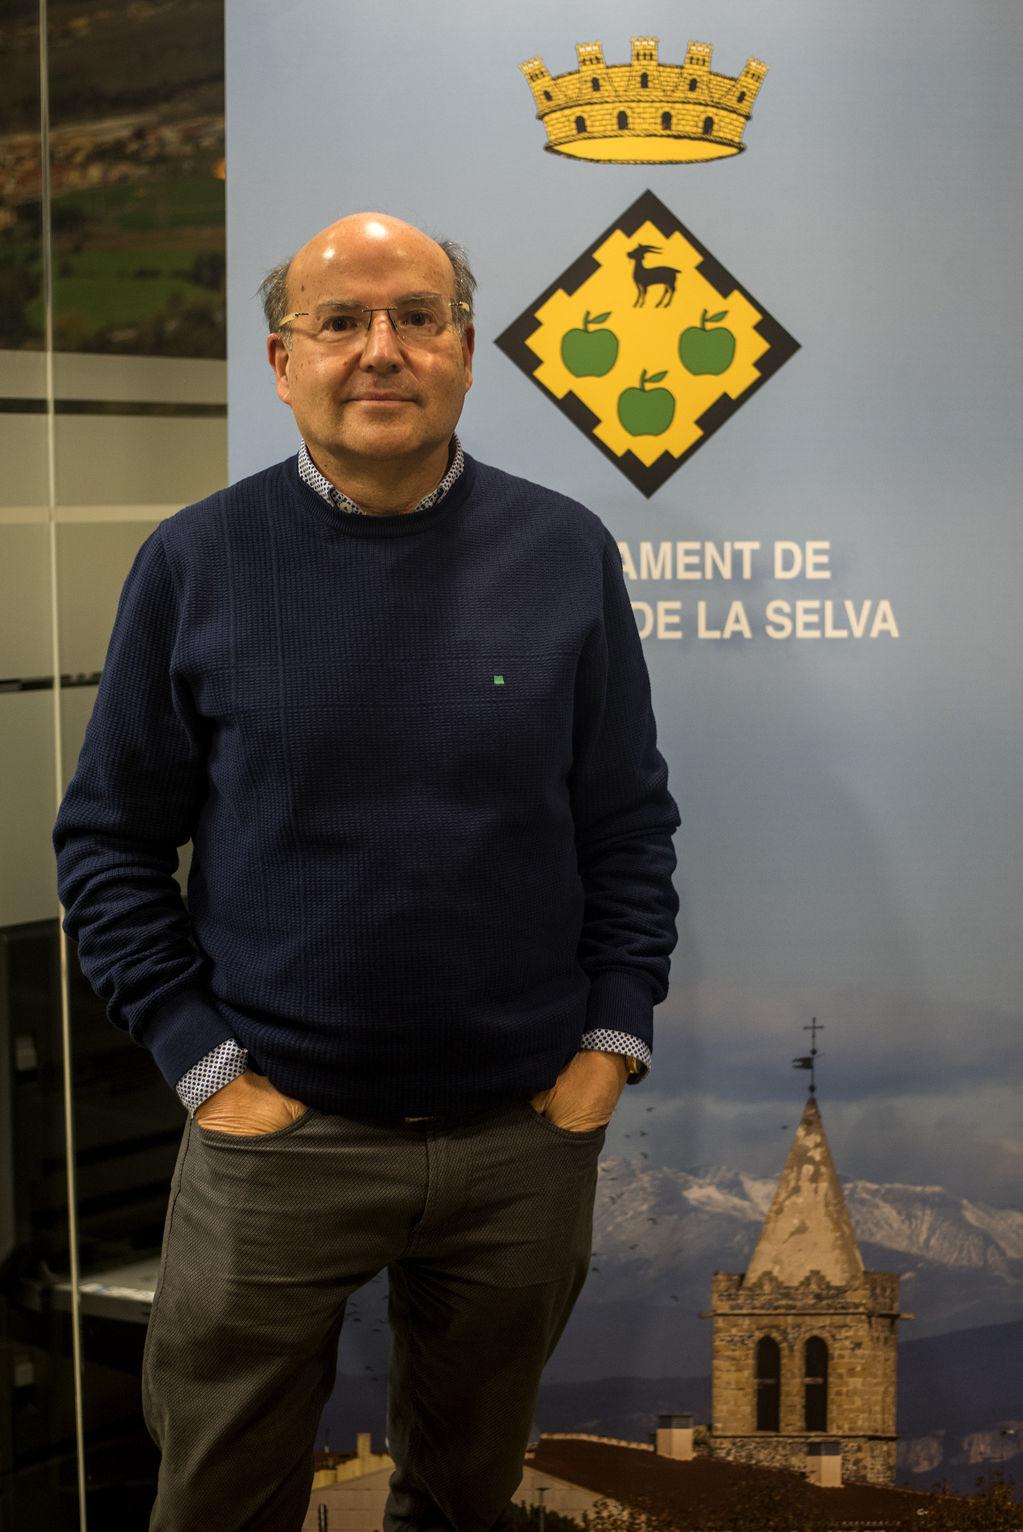 Jordi Adroher Vallmajor